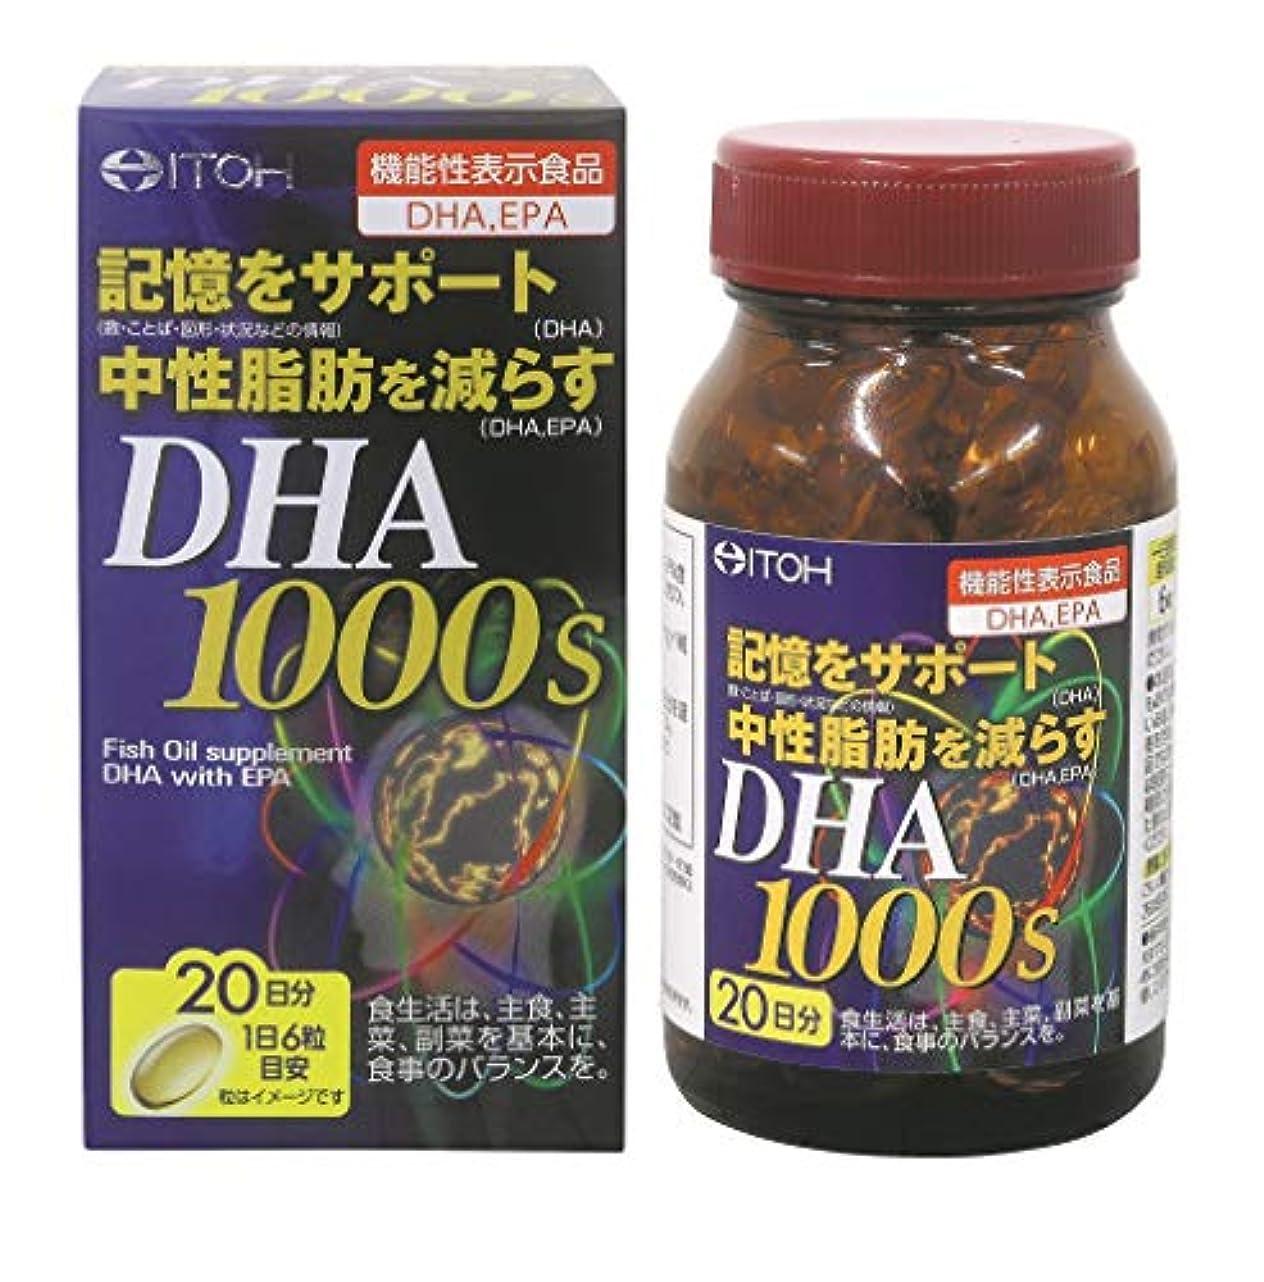 控えめな破滅的な損傷井藤漢方製薬 DHA1000 (ディーエイチエー) 約20日分 120粒